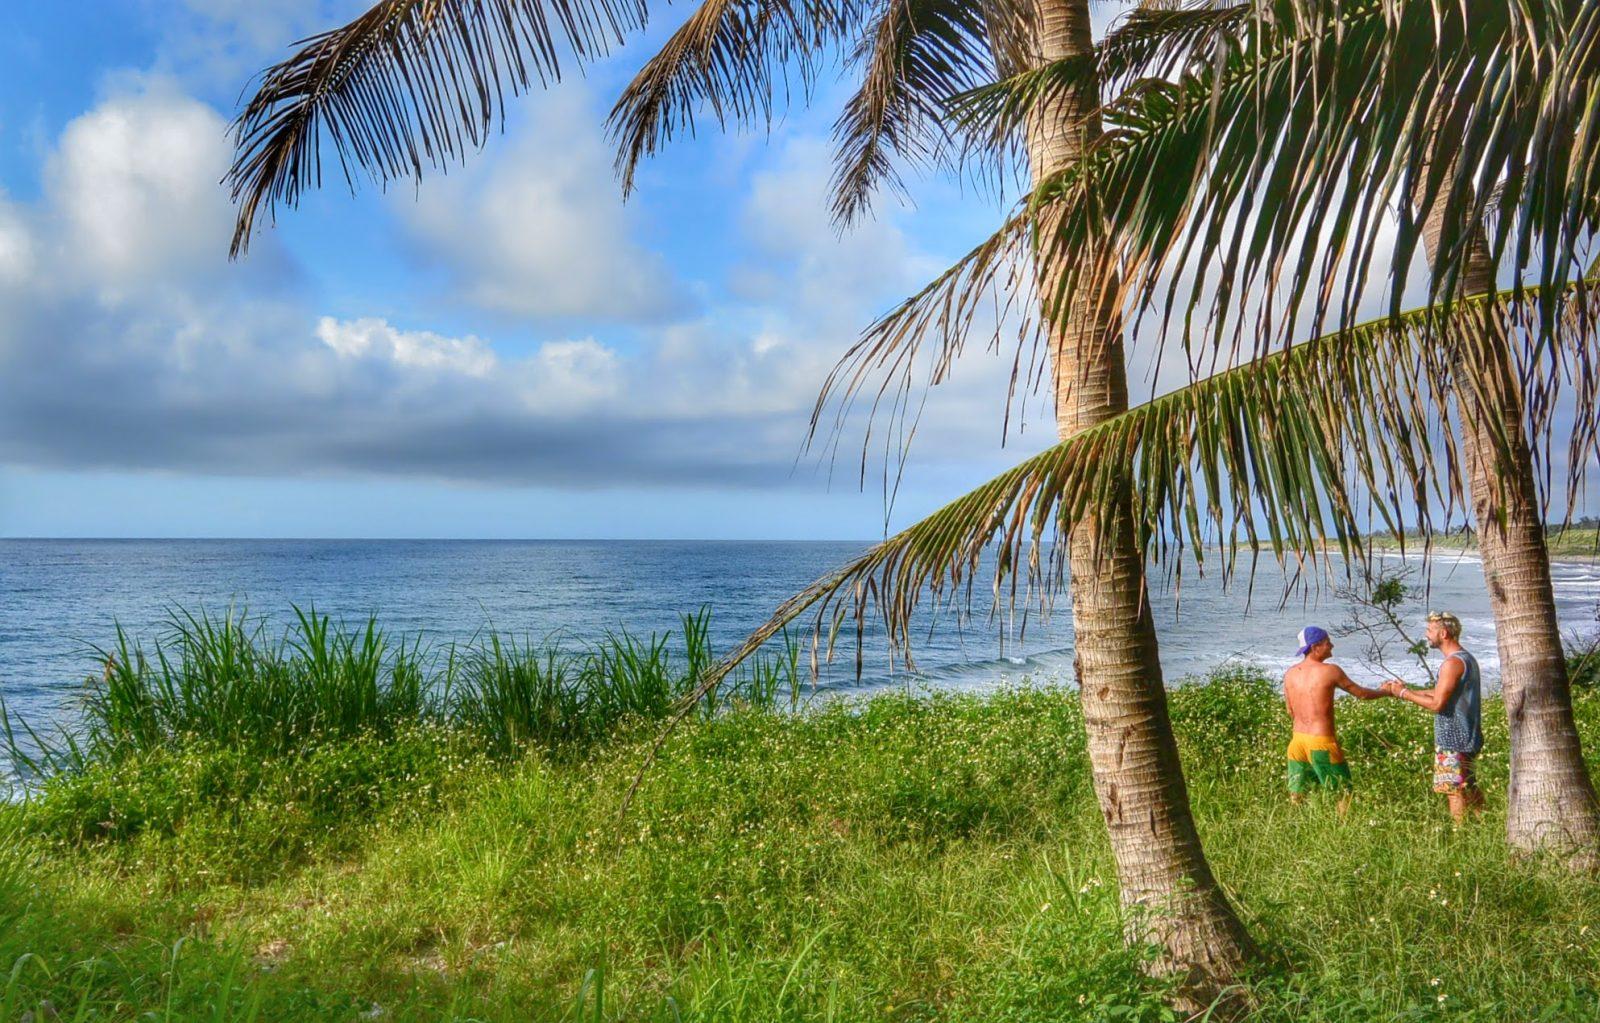 Surf-Lessons-Taiwan-Taitung-Dulan-WaGaLiGong-Surf-Hostel_Dulan-Beach3-e1465405242289